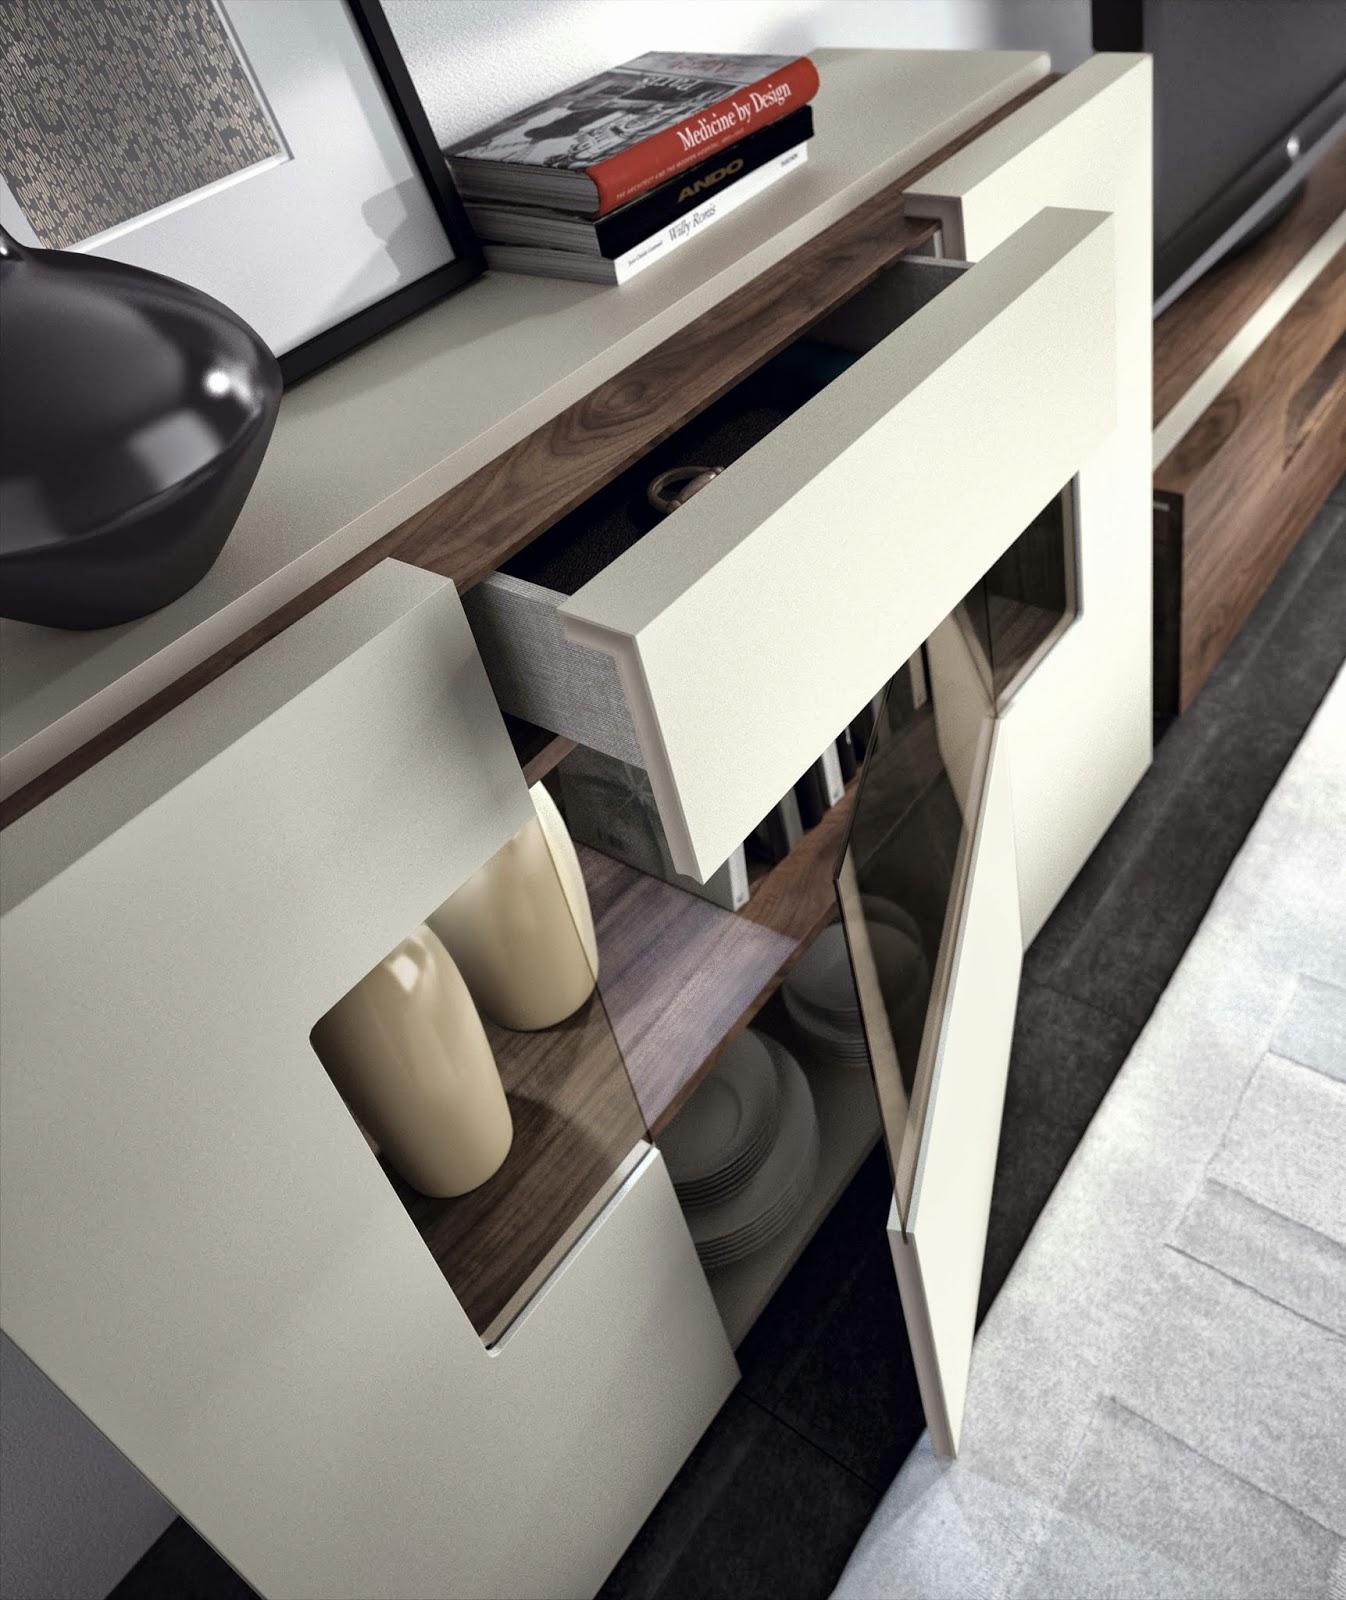 Informaci n de mobiliario opini n de producto colecci n for Muebles garcia sabate